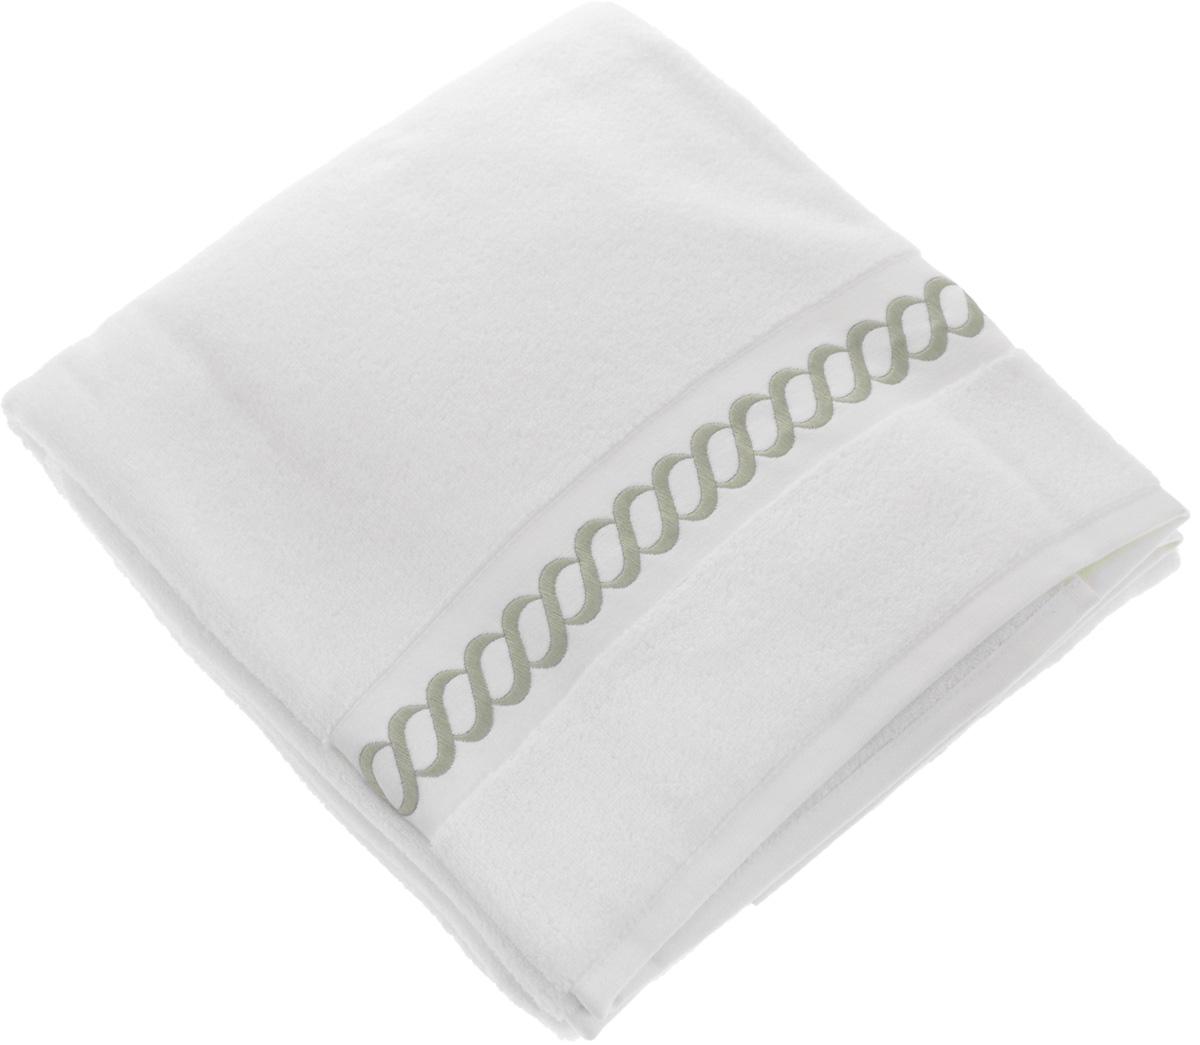 Полотенце махровое Issimo Home Pauline, цвет: белый, бежевый, 90 x 150 см4748Полотенце Issimo Home Pauline выполнено из натуральной махровой ткани (100% хлопок). Изделие отлично впитывает влагу, быстро сохнет и не теряет форму даже после многократных стирок. Рекомендации по уходу:- режим стирки при 40°C,- допускается обычная химчистка,- отбеливание запрещено,- глажка при температуре подошвы утюга до 110°С,- барабанный отжим запрещен.Размер полотенца: 90 x 150 см.